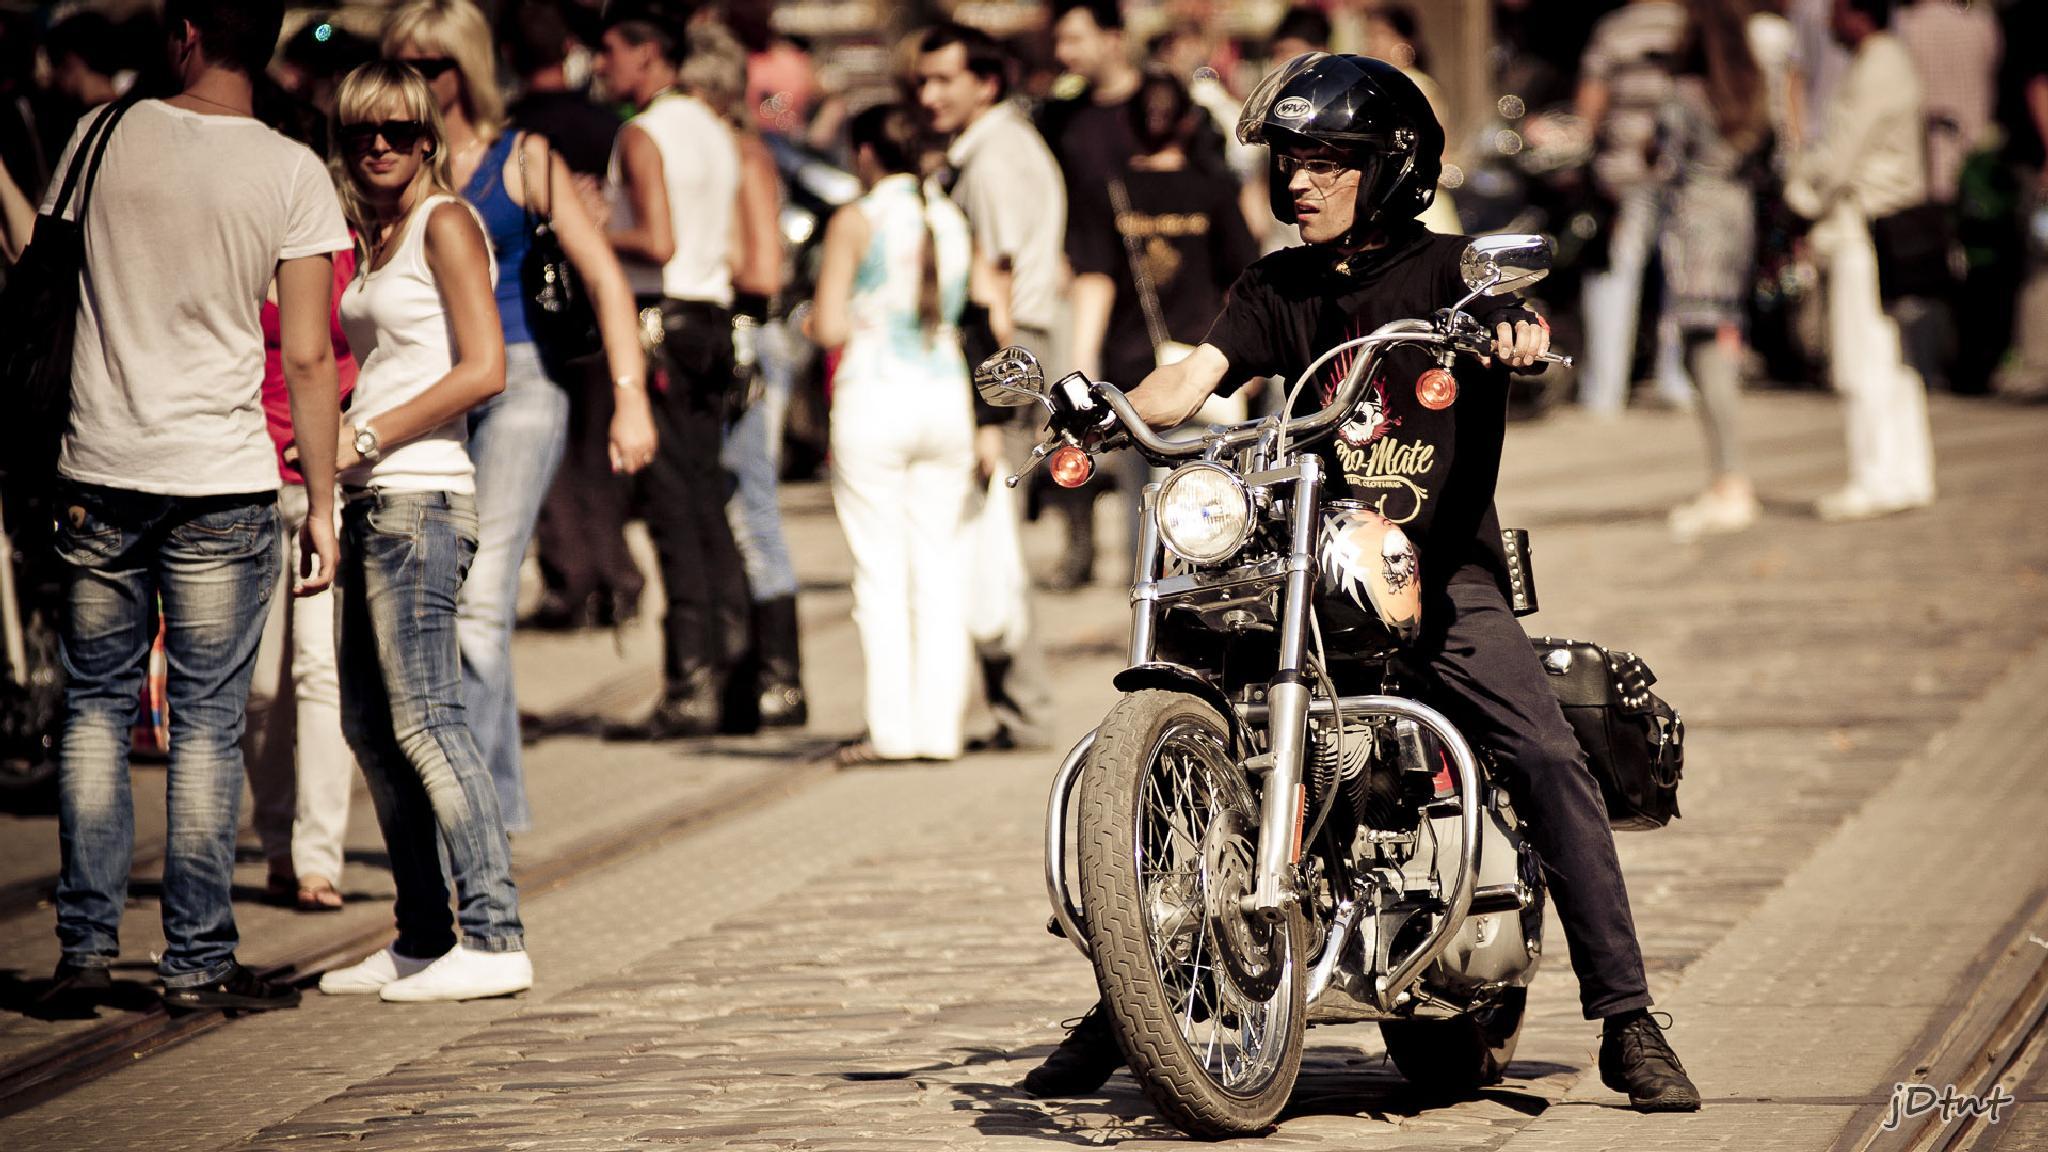 Biker by jDtnt